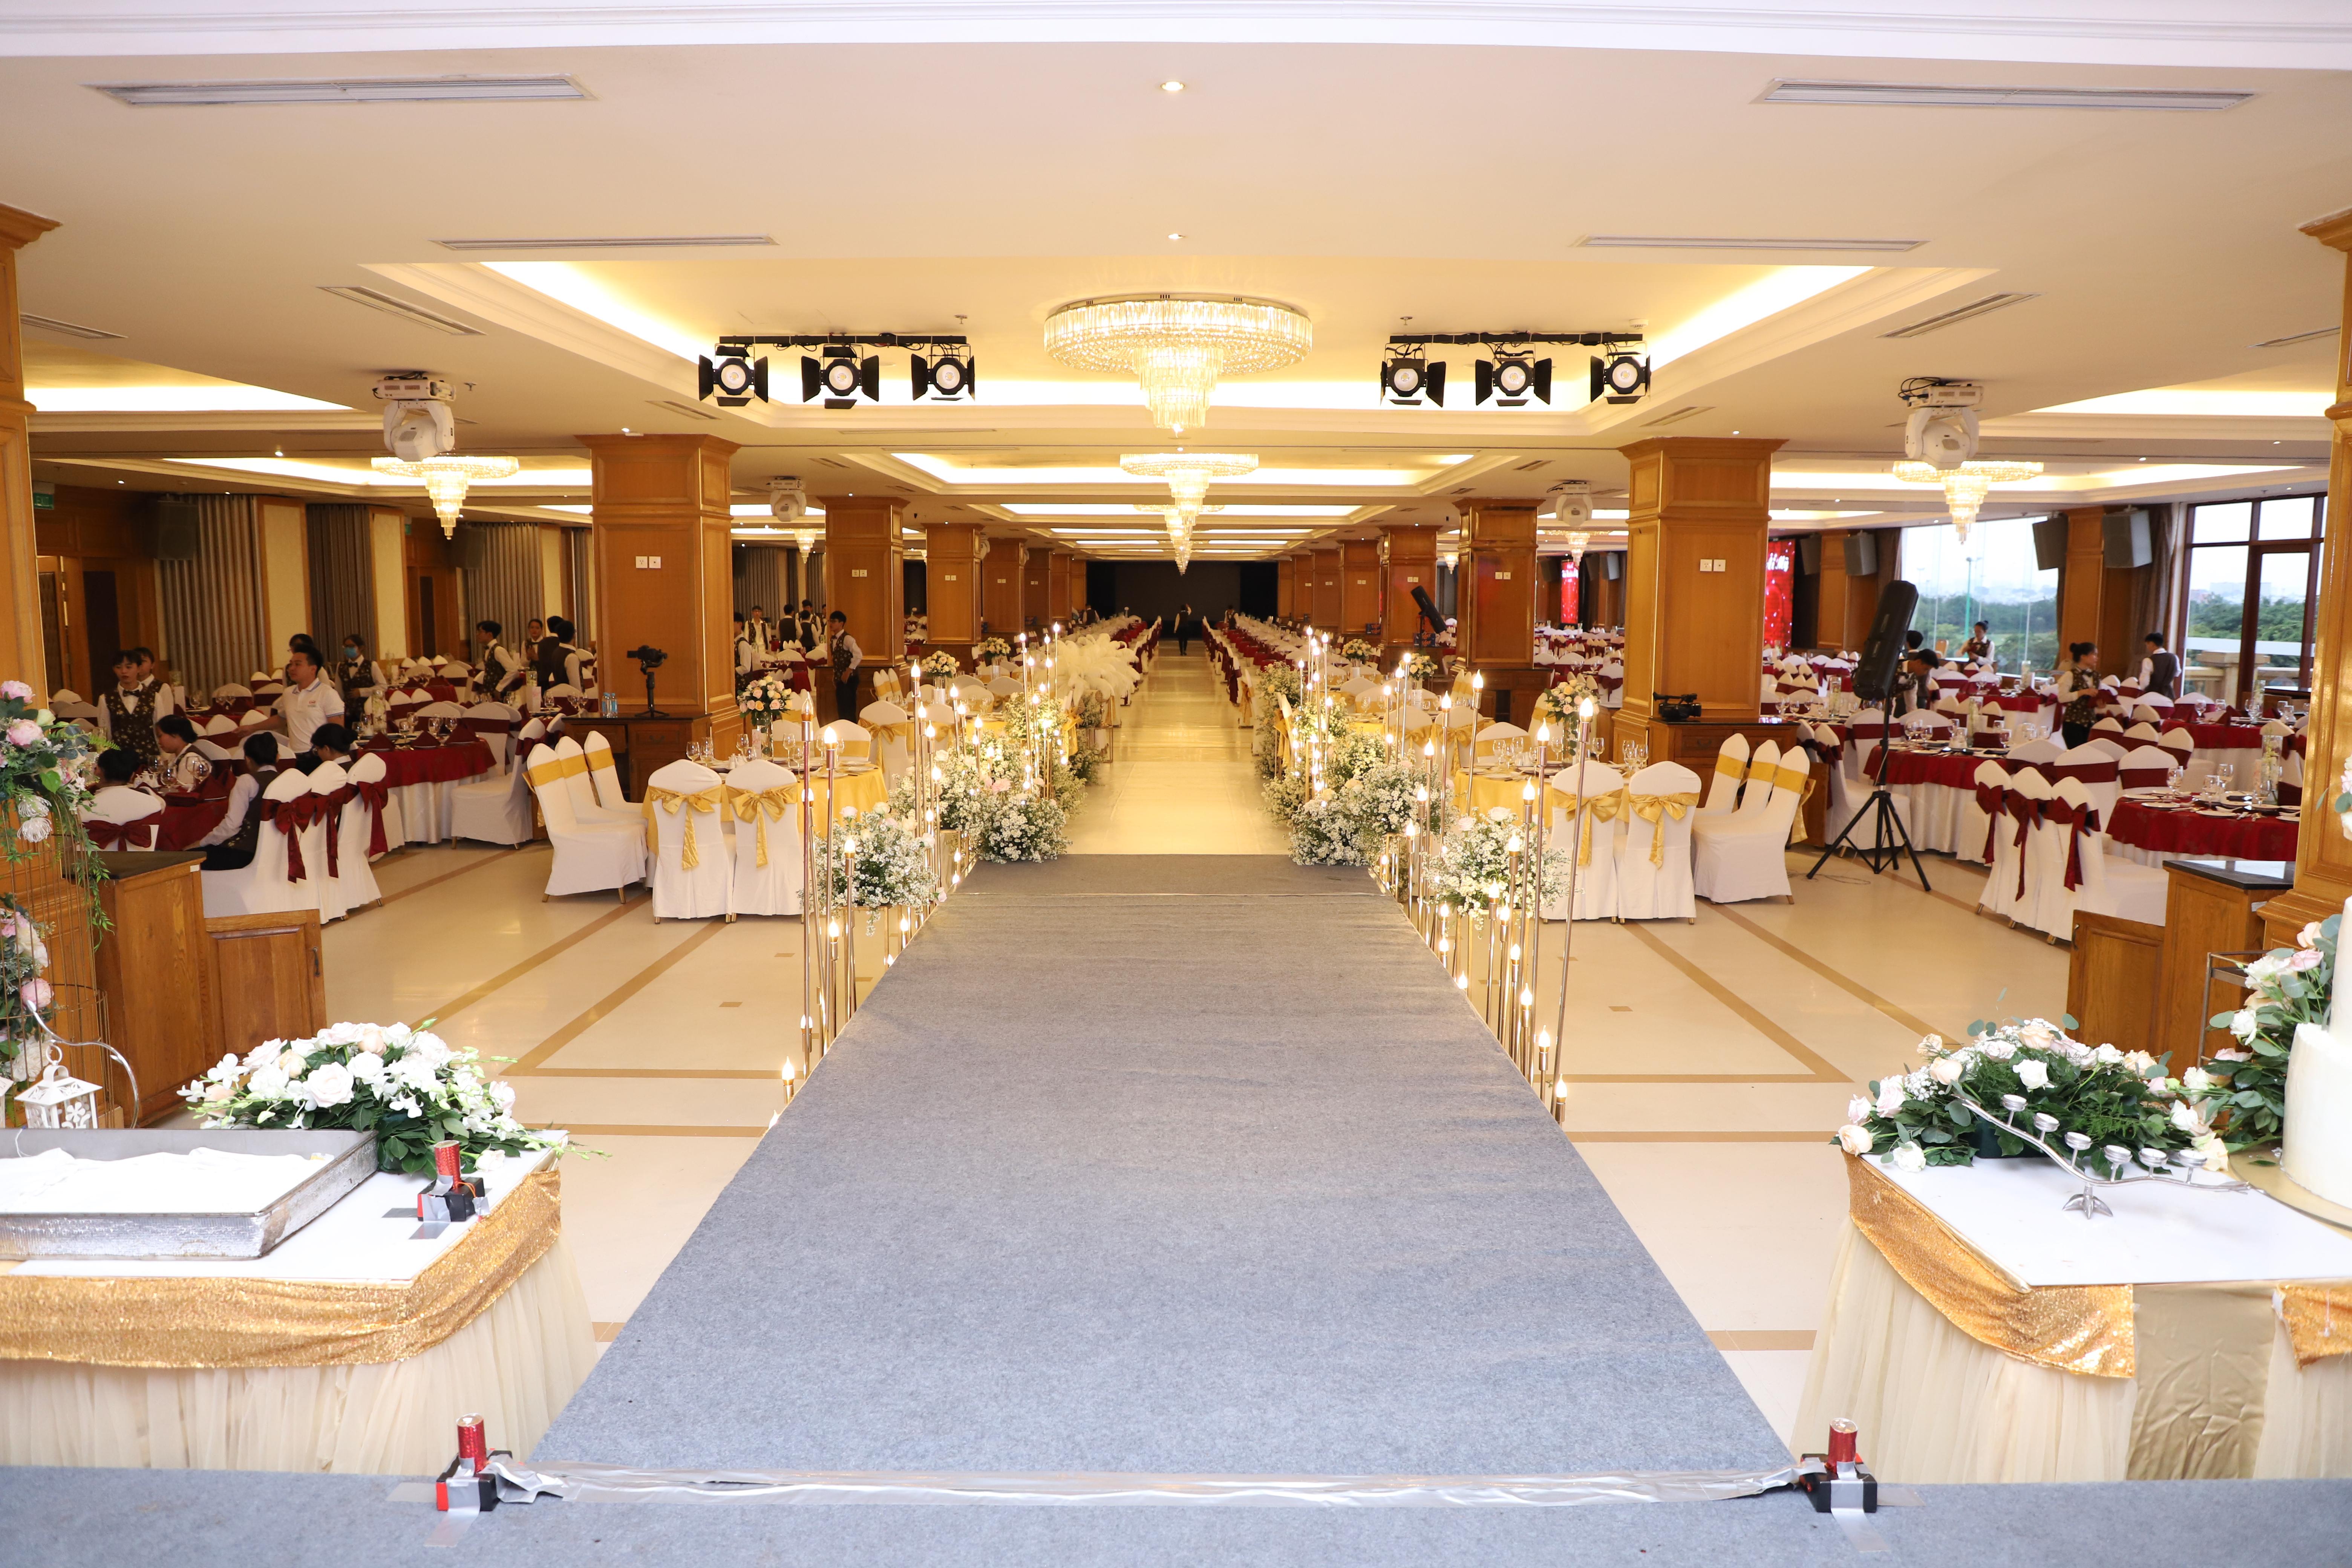 Trung tâm Hội nghị - Tiệc cưới Long Biên Palace: Nhà hàng duy nhất nằm trong sân golf